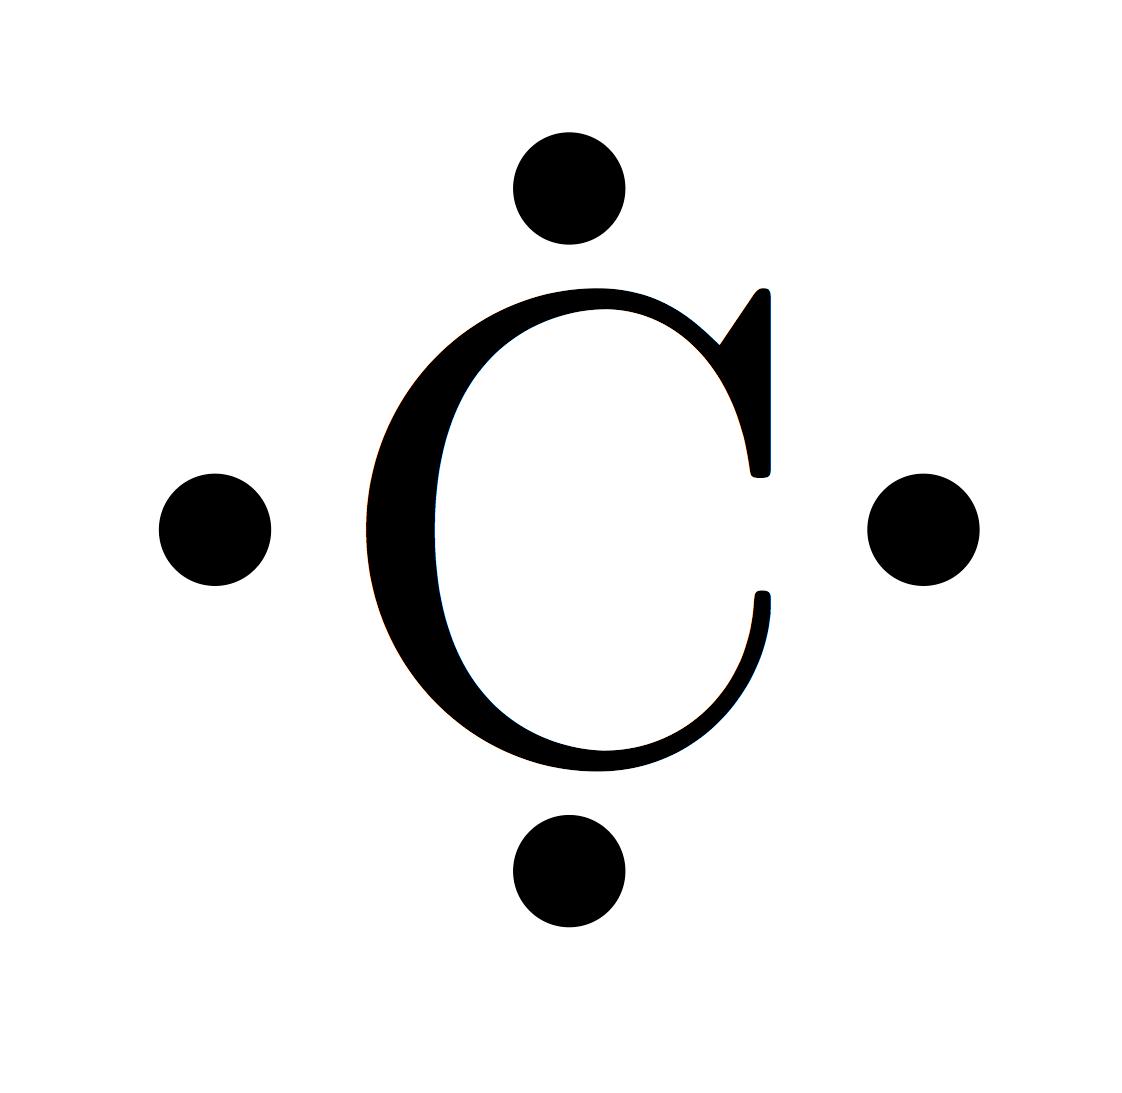 dot diagram of co2